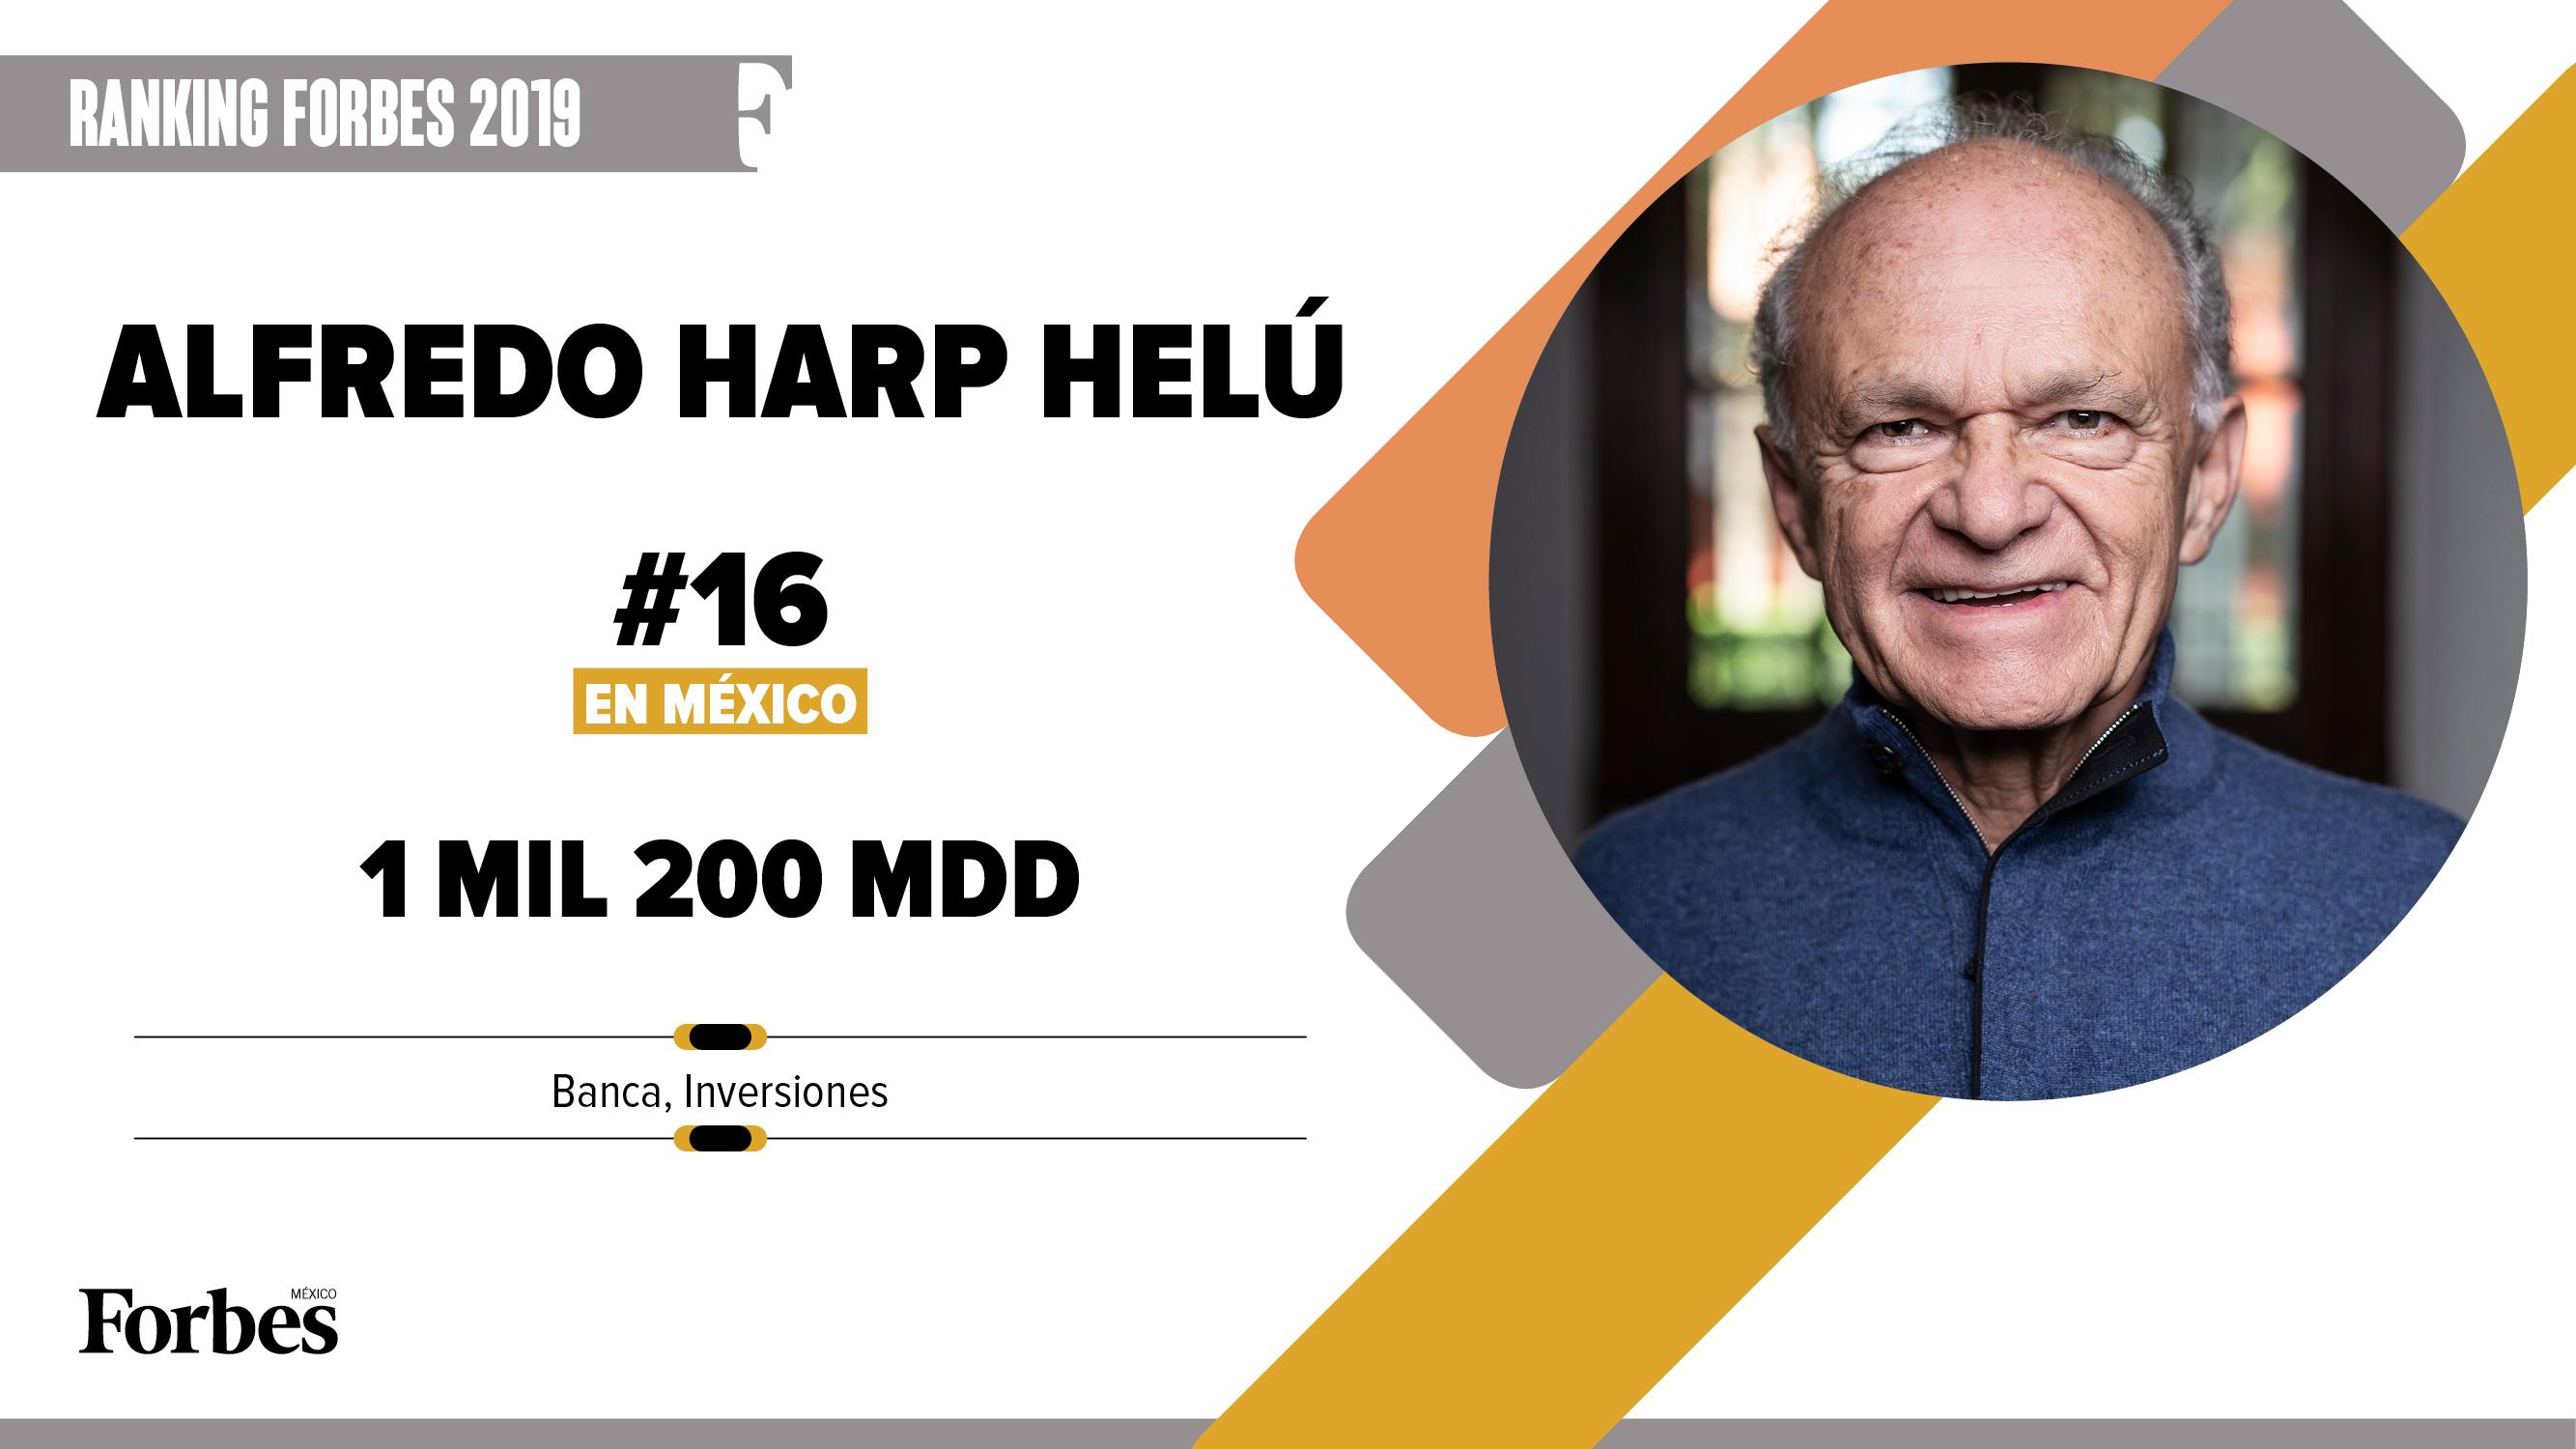 Billionaires 2019 | Alfredo Harp Helú sigue con promedio ganador